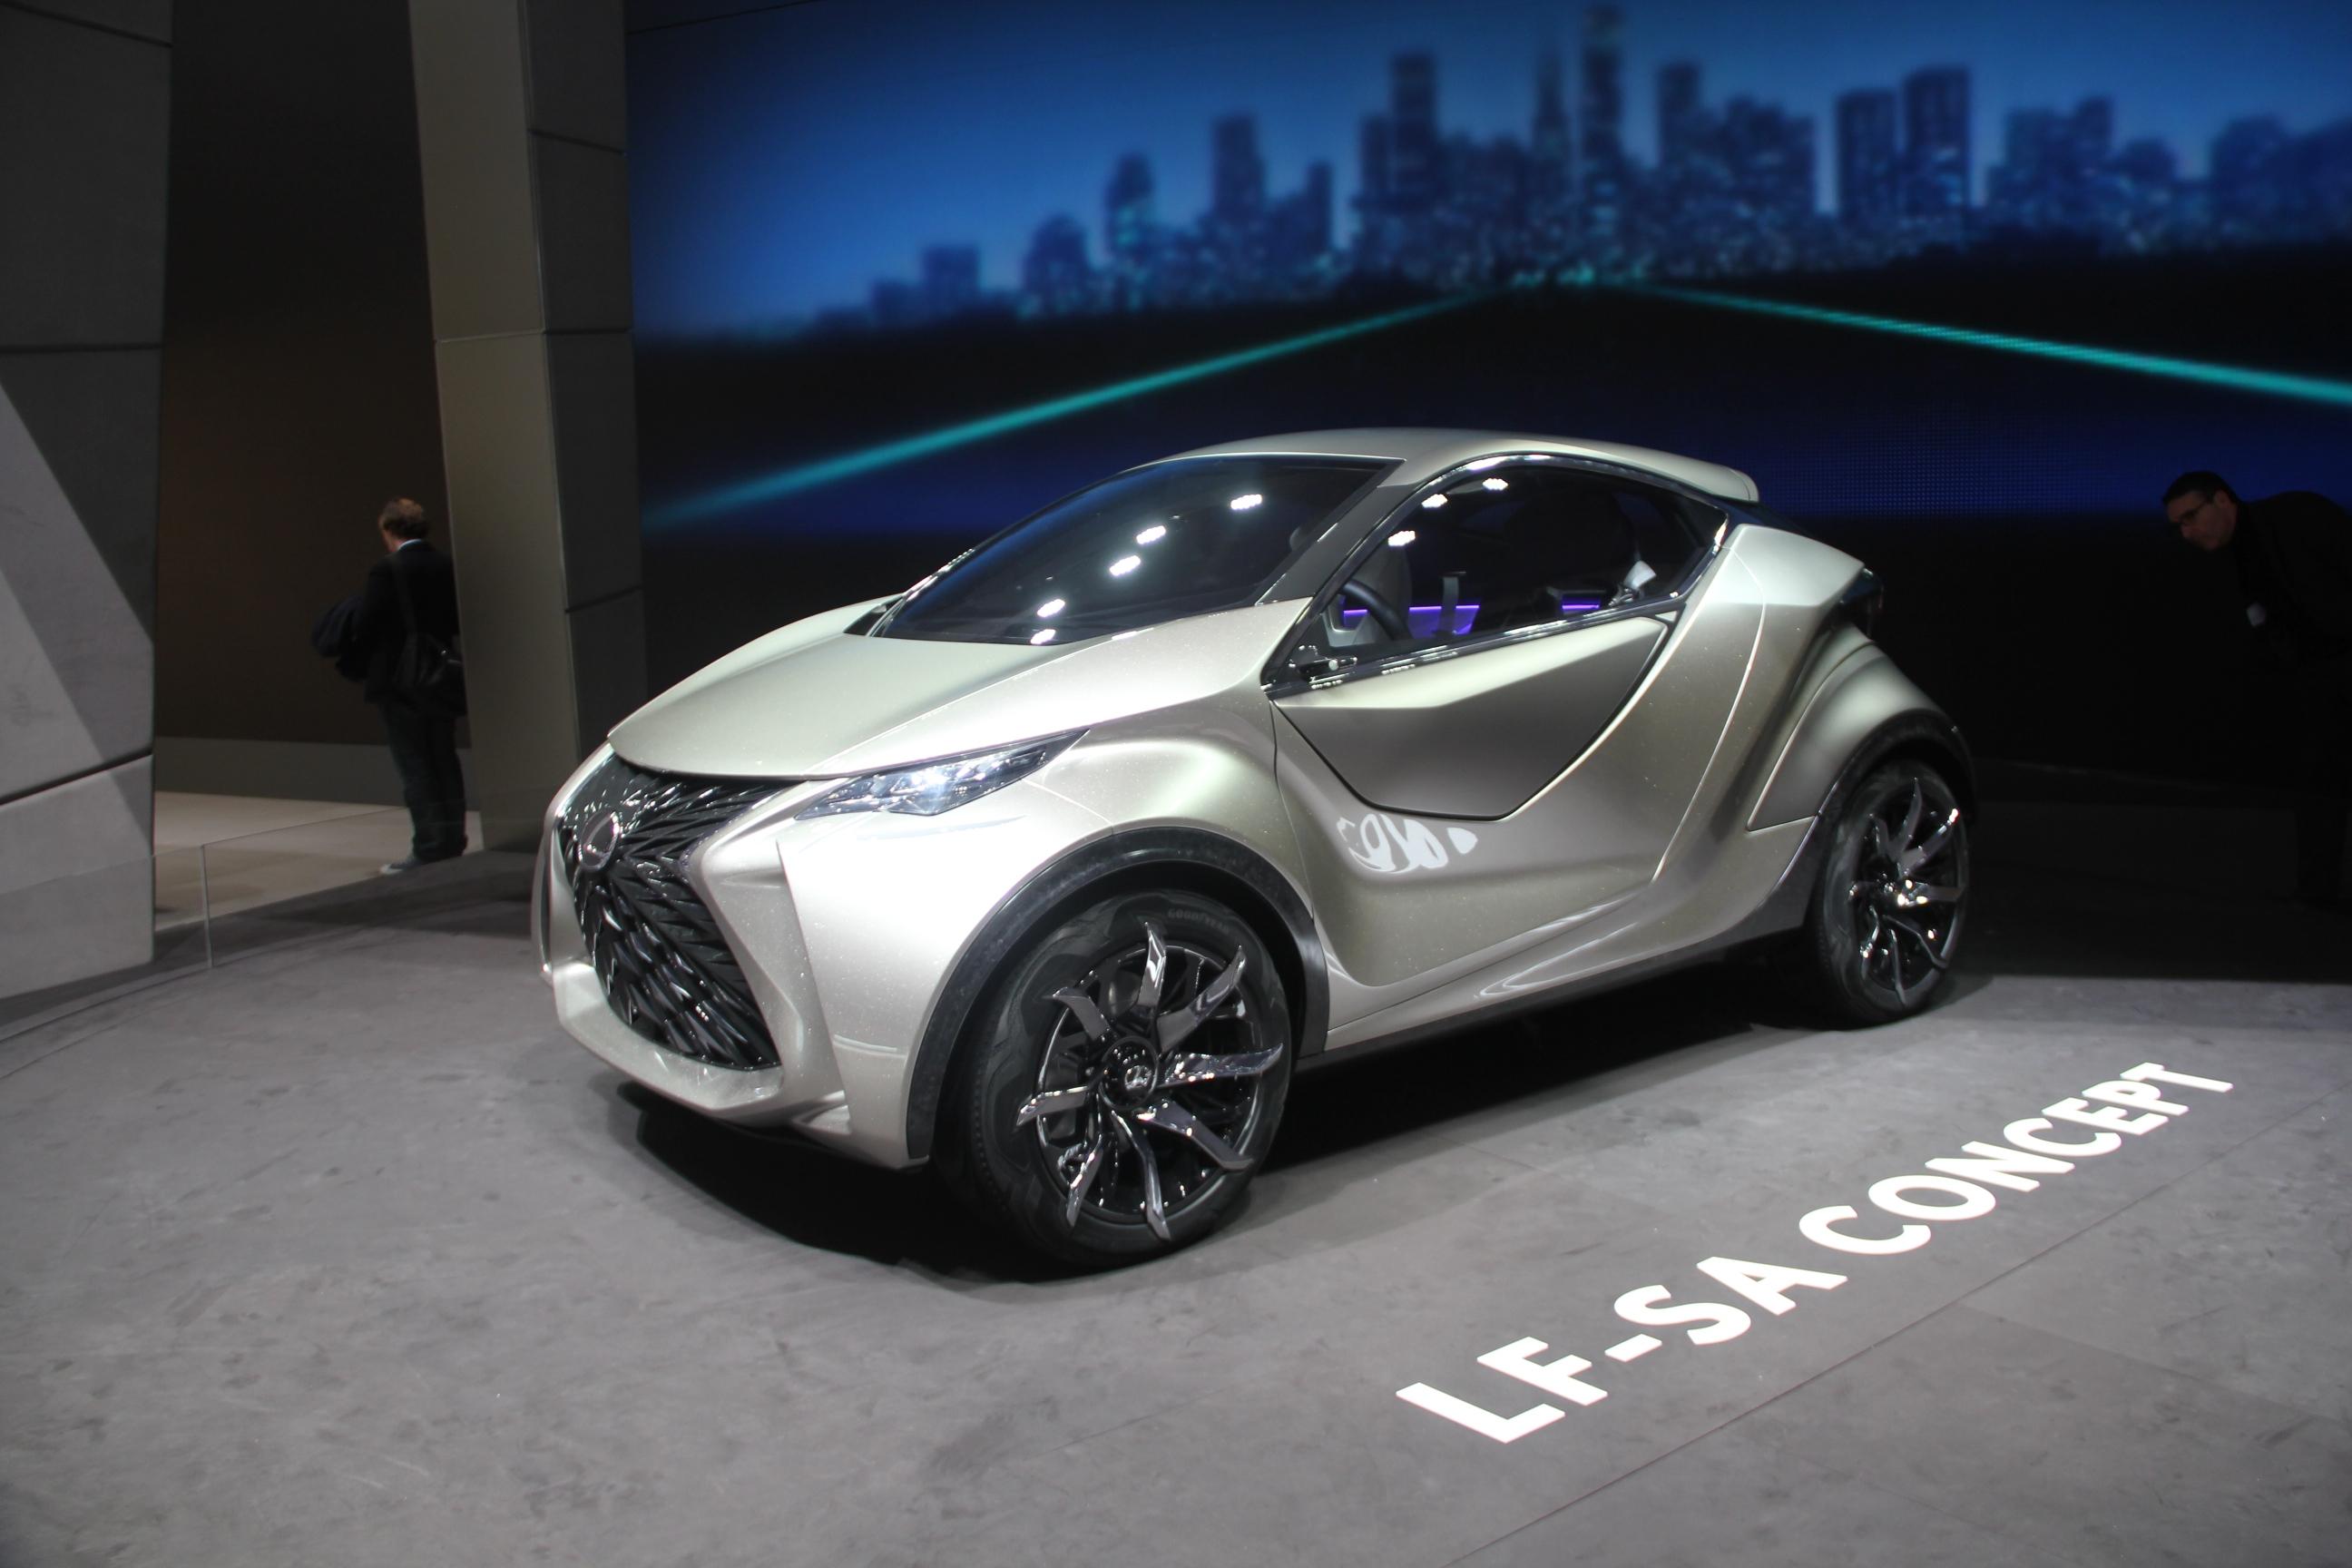 S0-Lexus-LF-SA-Concept-nouveaux-horizons-En-direct-du-salon-de-Geneve-2015-347822.jpg